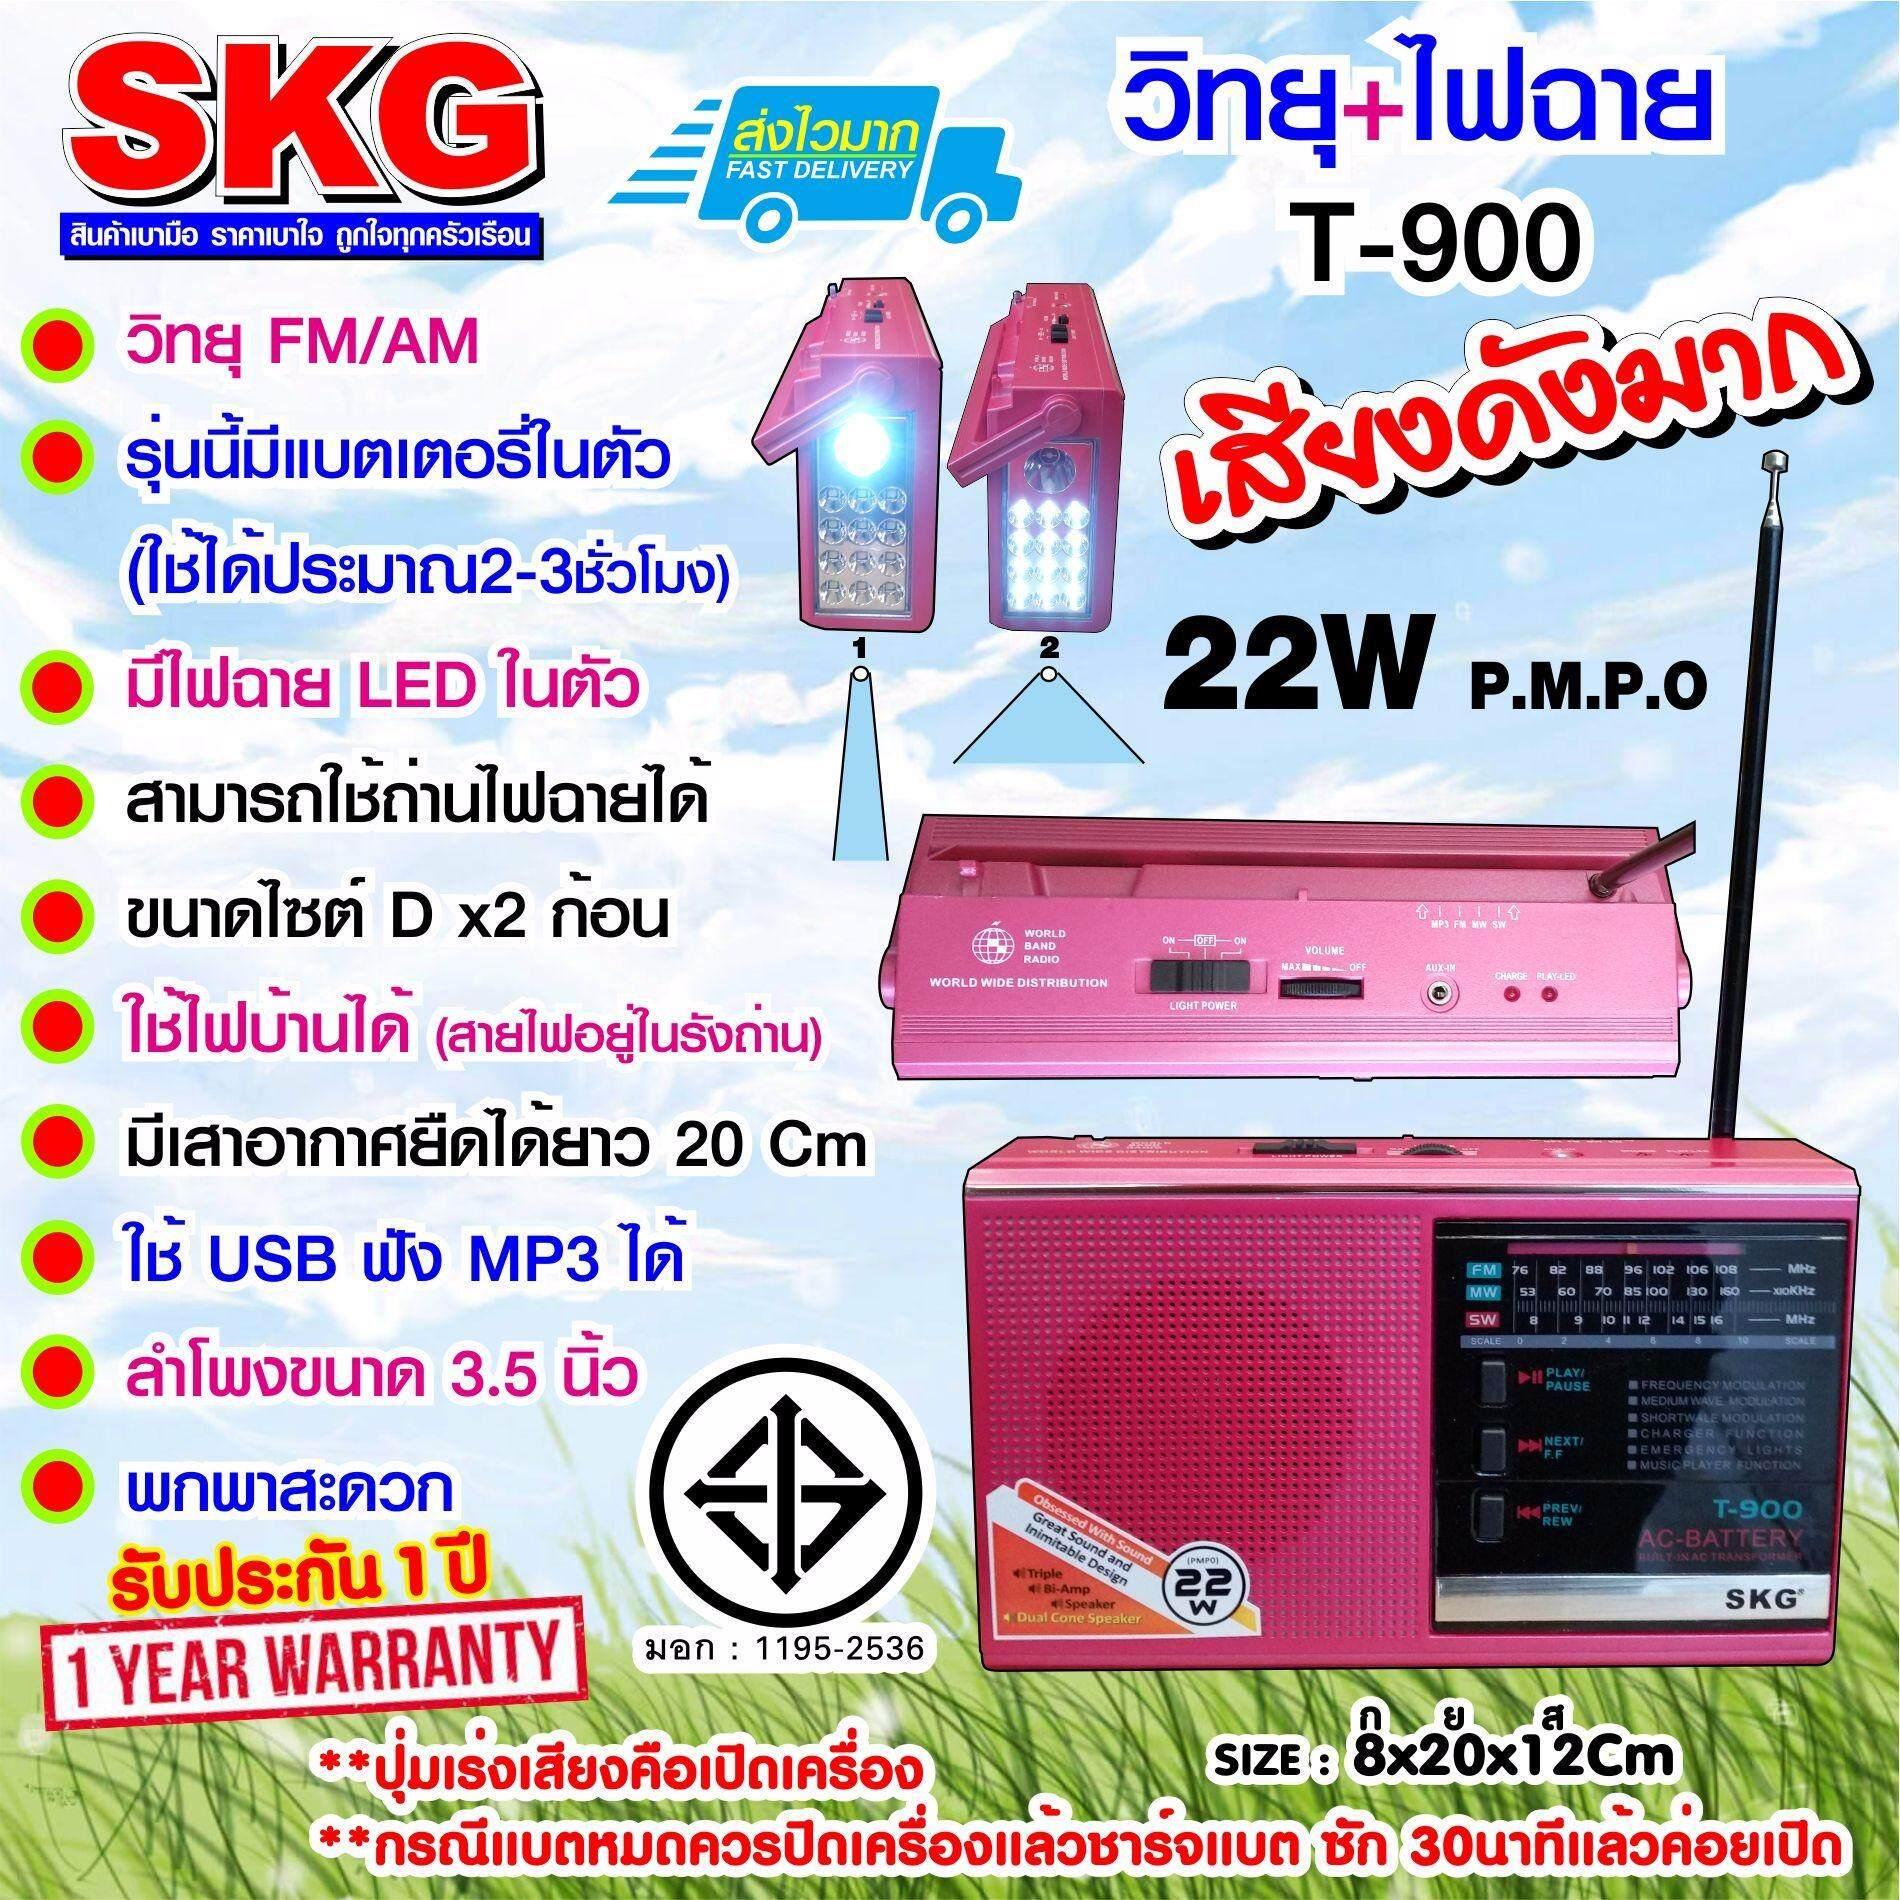 ขาย Skg วิทยุ Usb มีไฟฉาย2ระบบ และแบตในตัว รุ่น T 900 สีชมพู ถูก กรุงเทพมหานคร